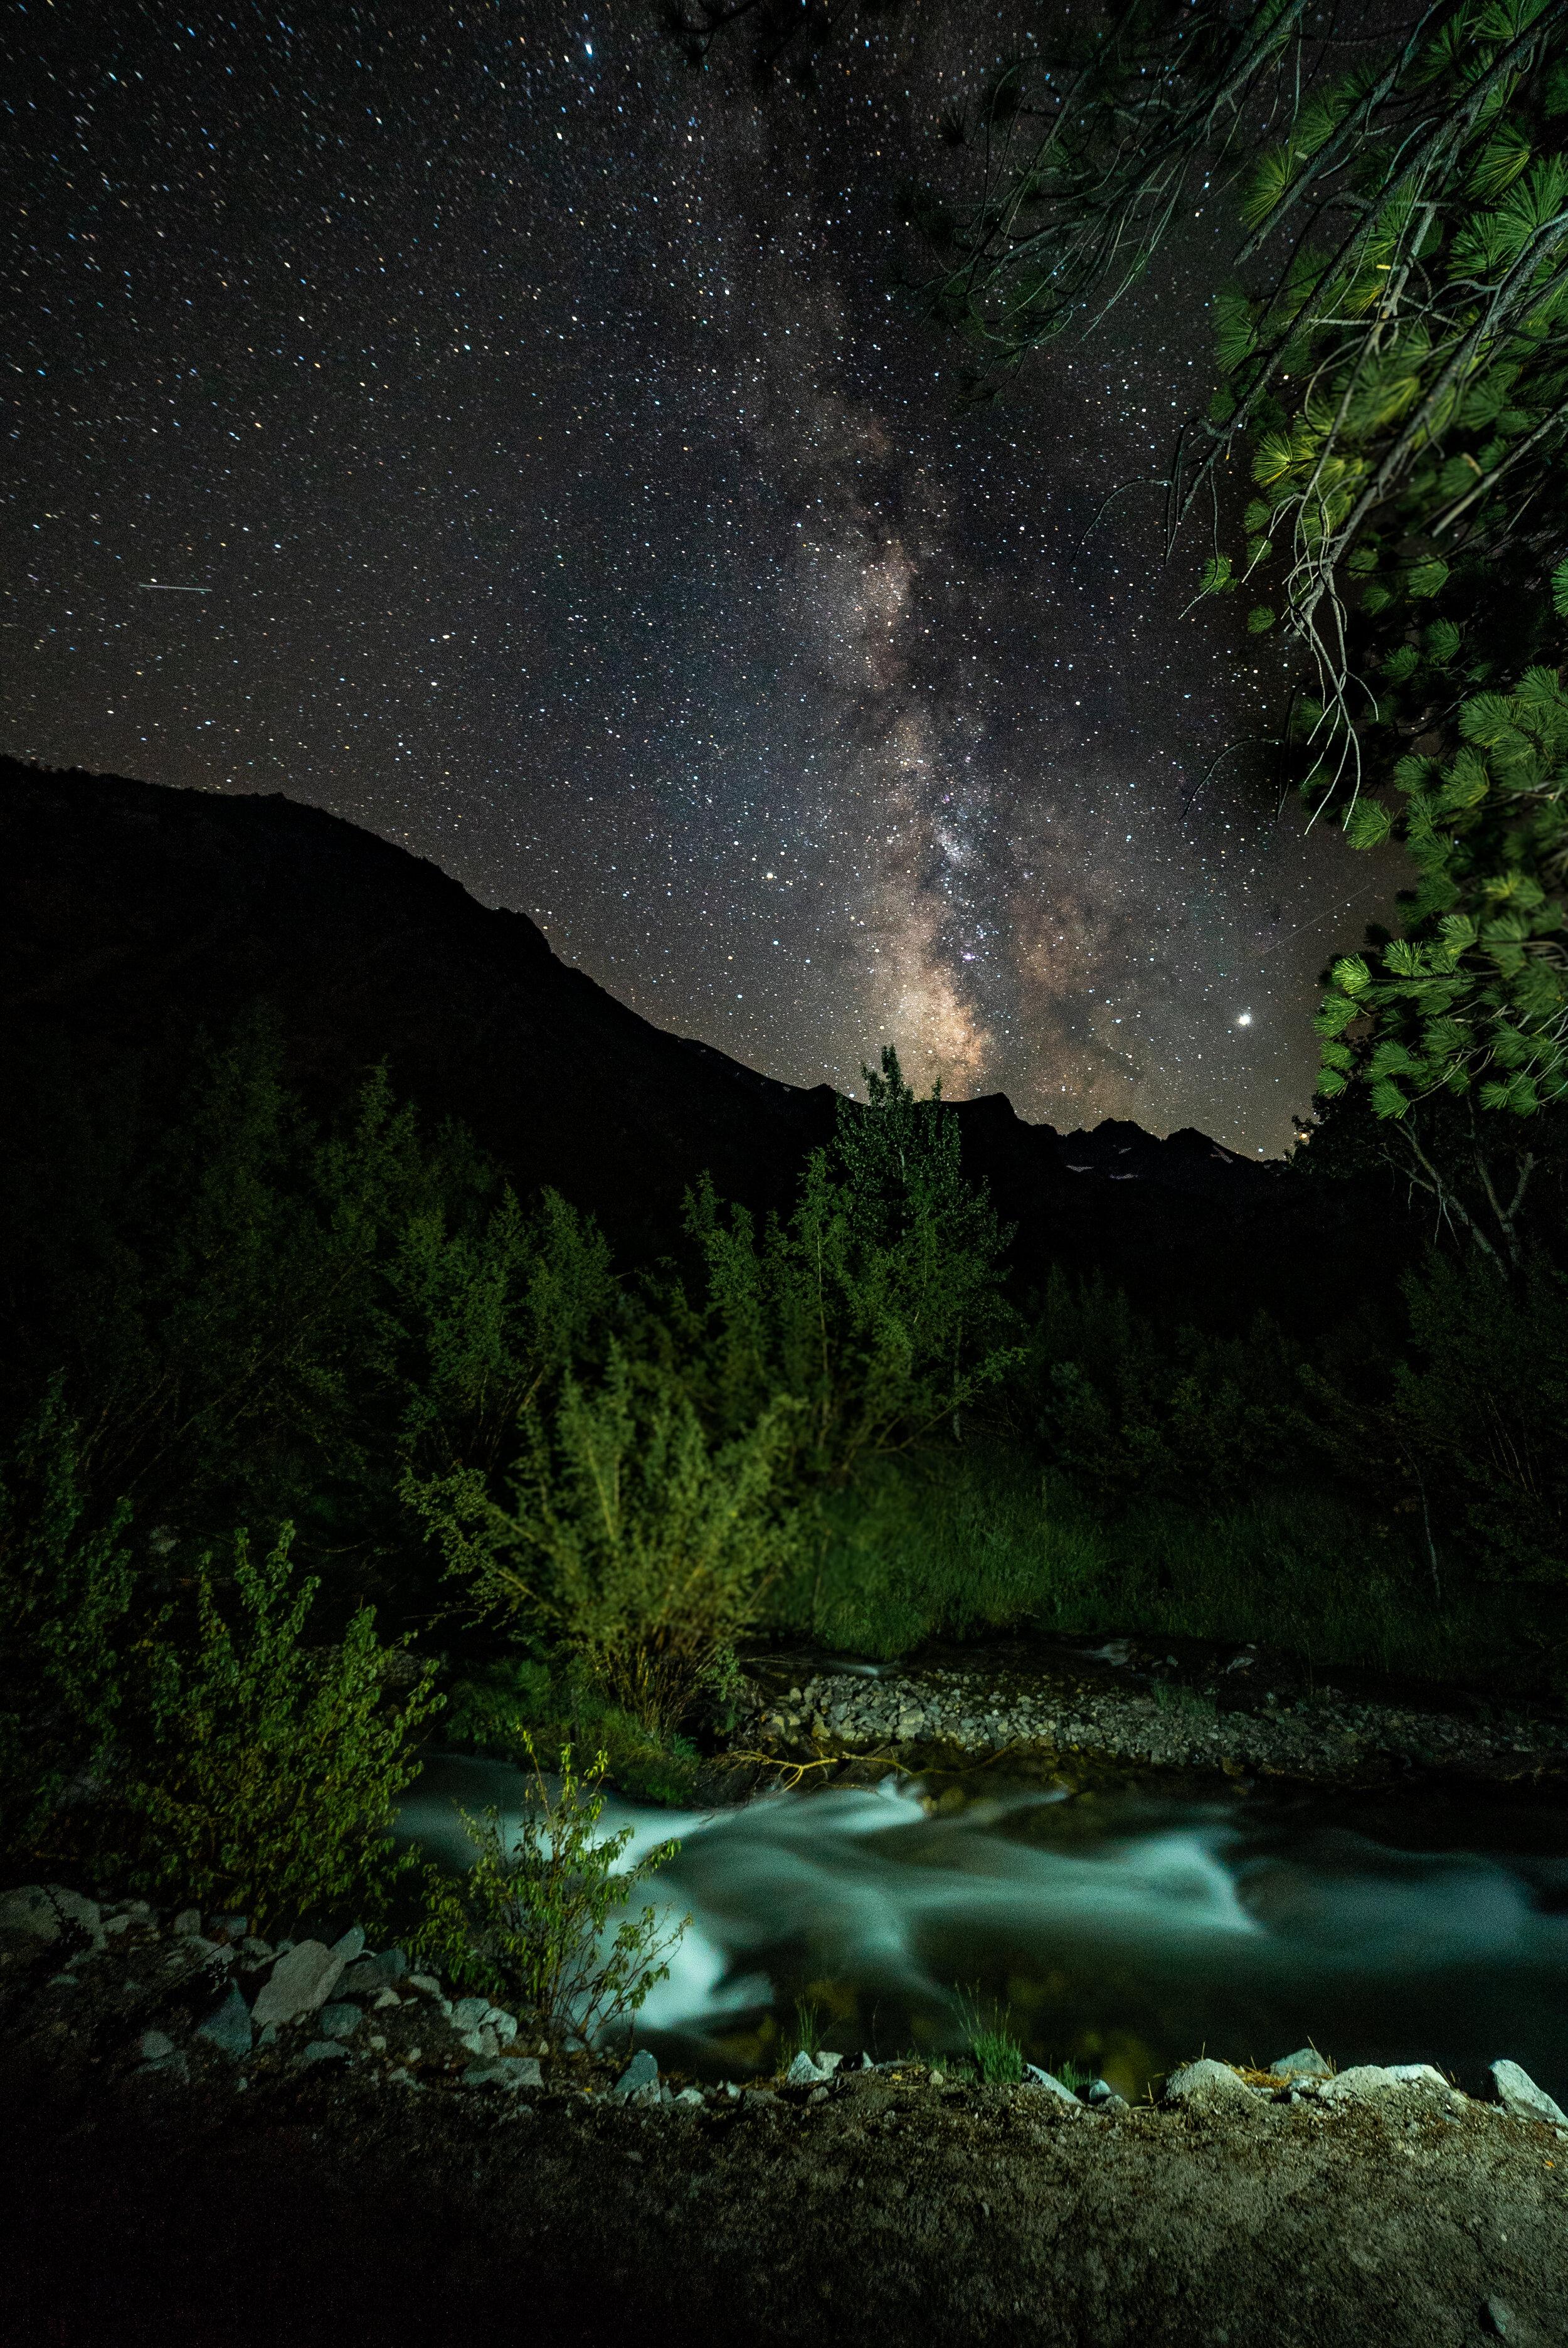 Sierras w Rumsey 2019-3.jpg